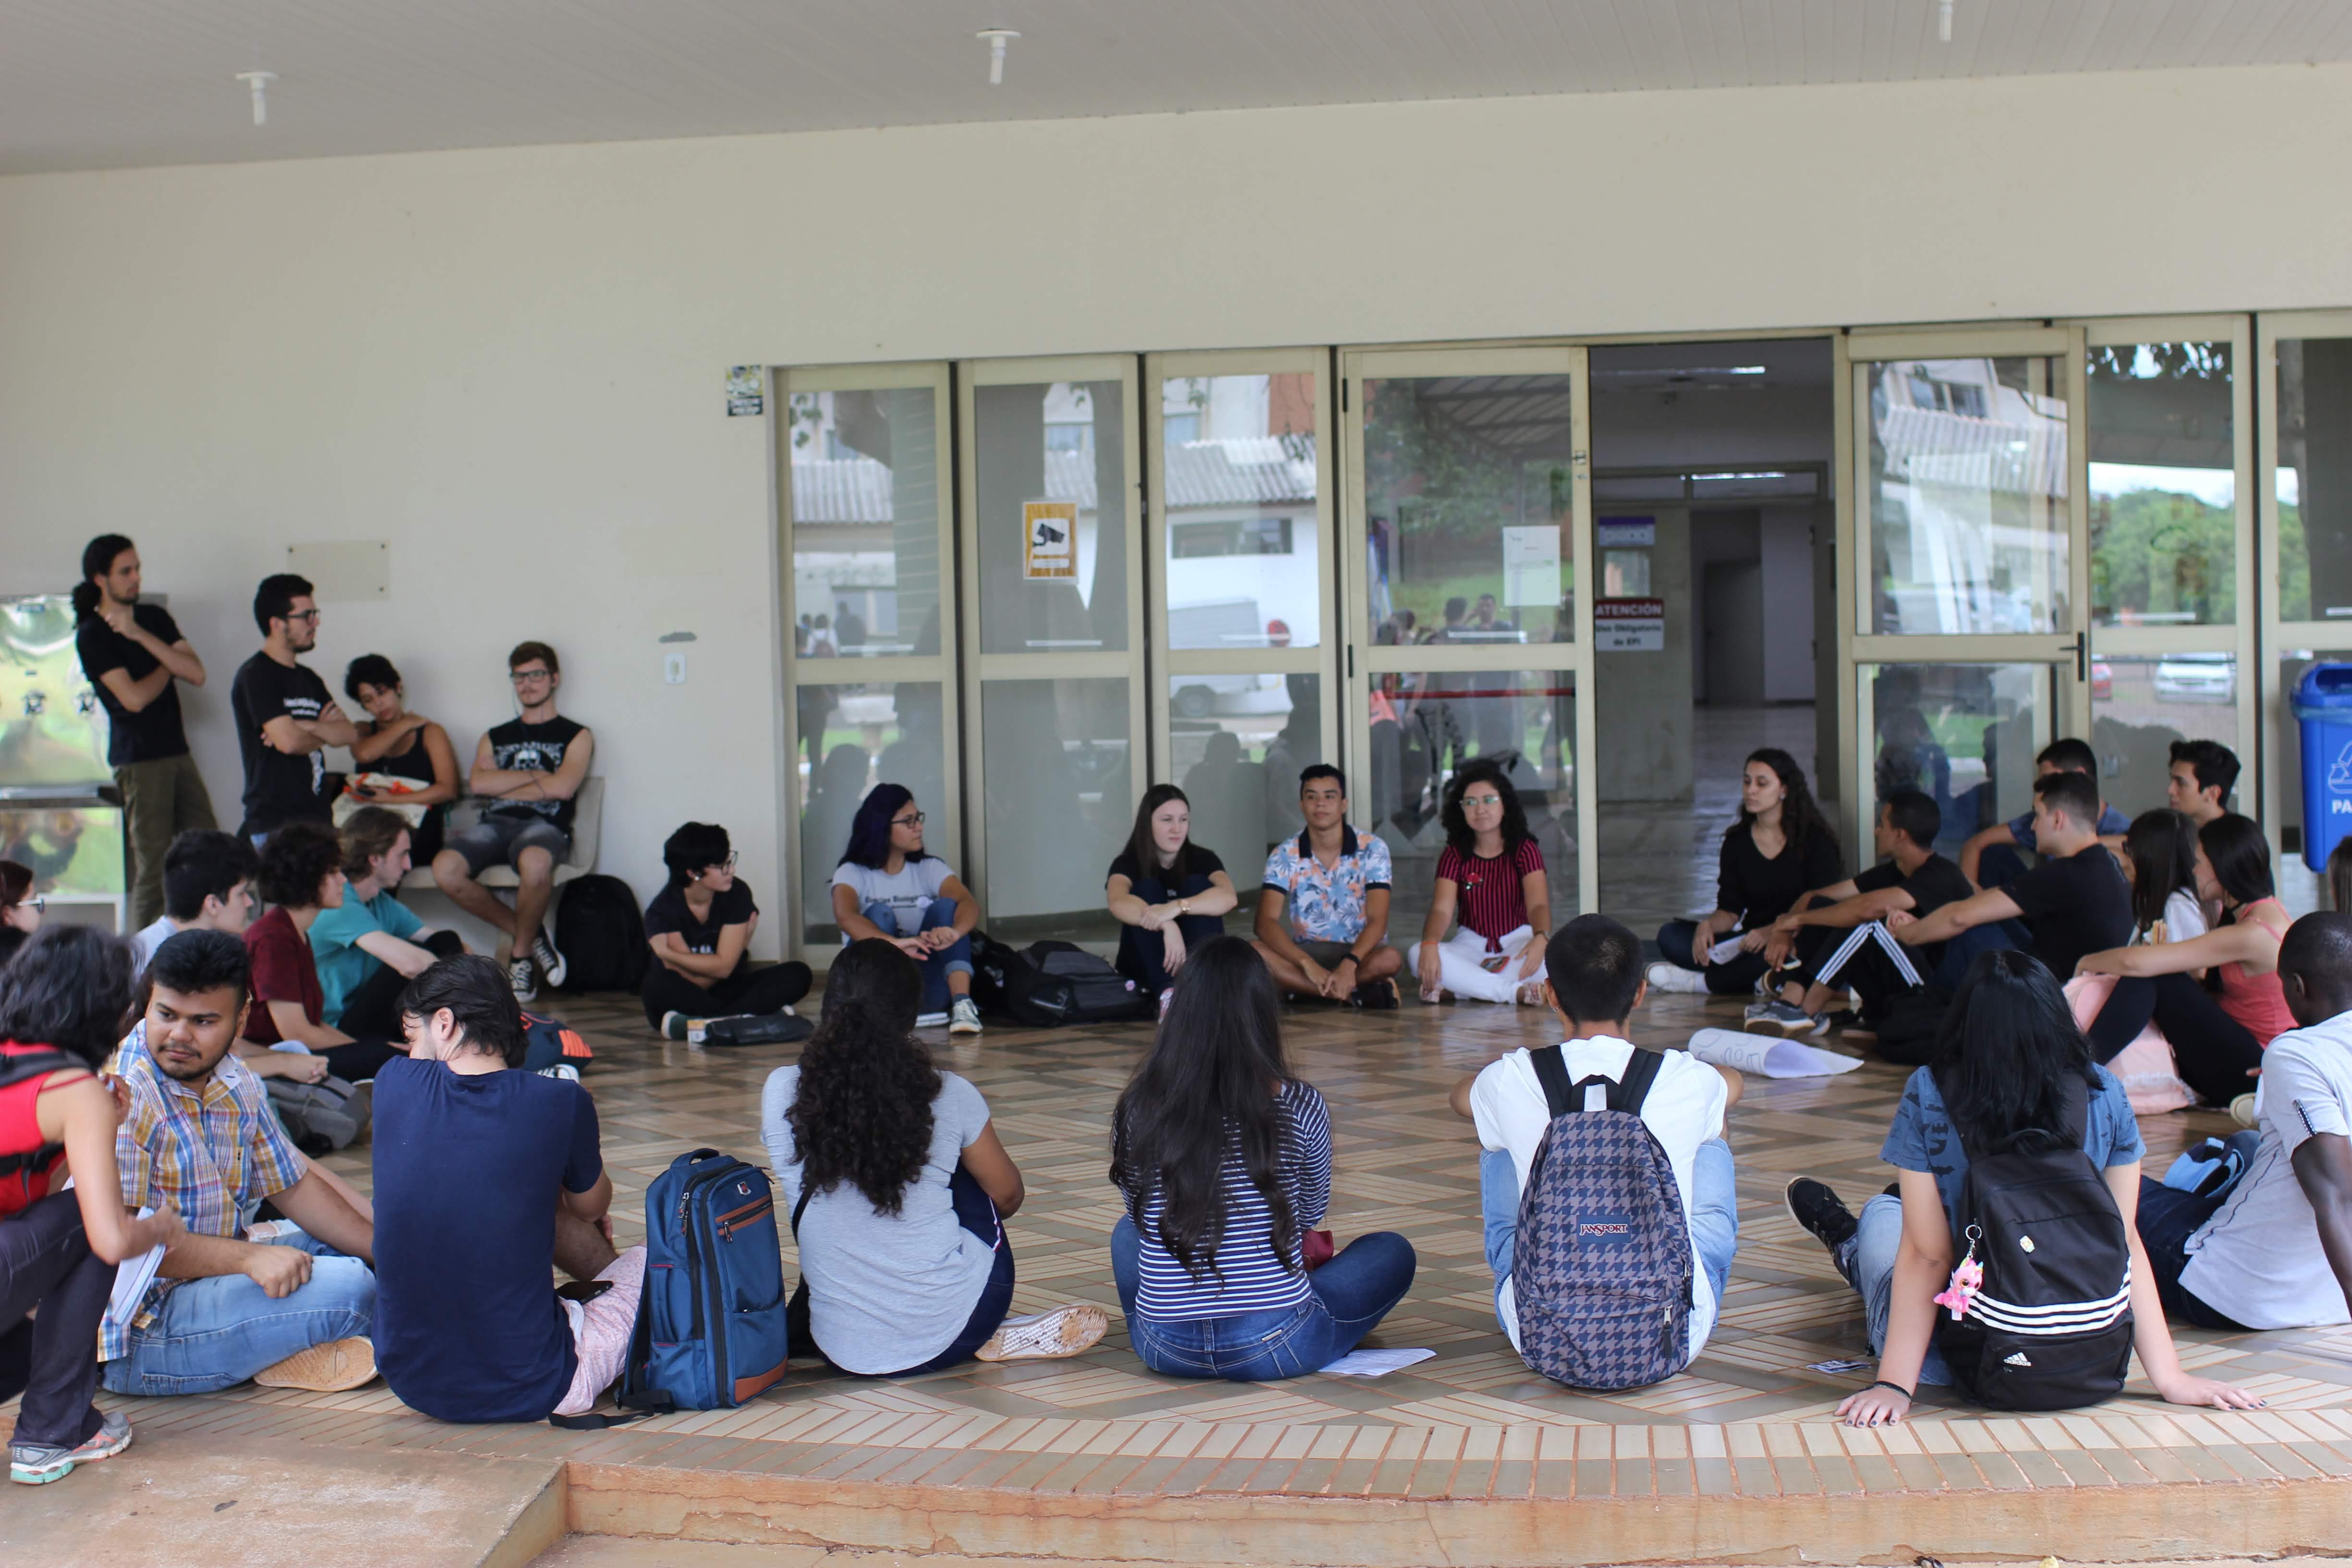 Jovens sentados no chão, formando uma roda, conversam em frente à entrada de laboratórios da UNILA